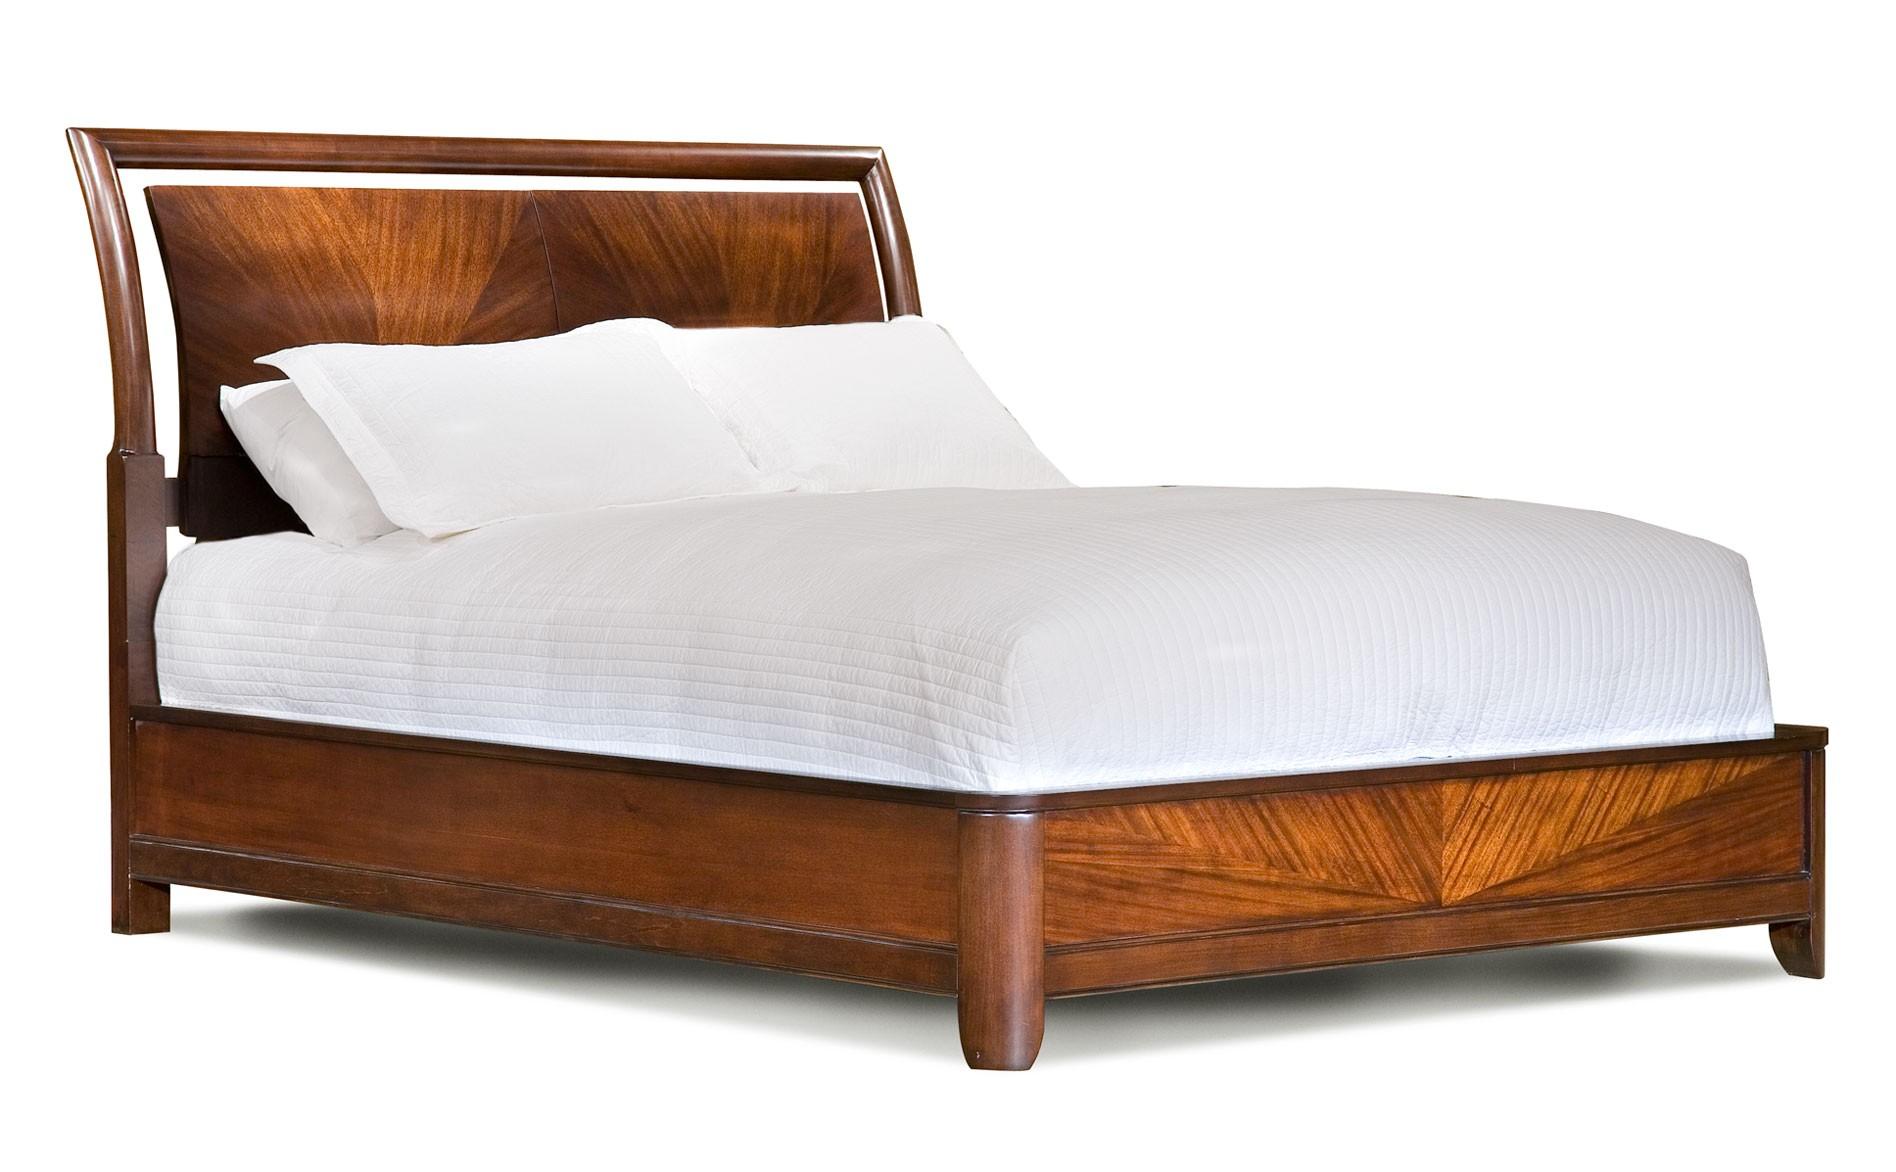 Ikea King Platform Bed